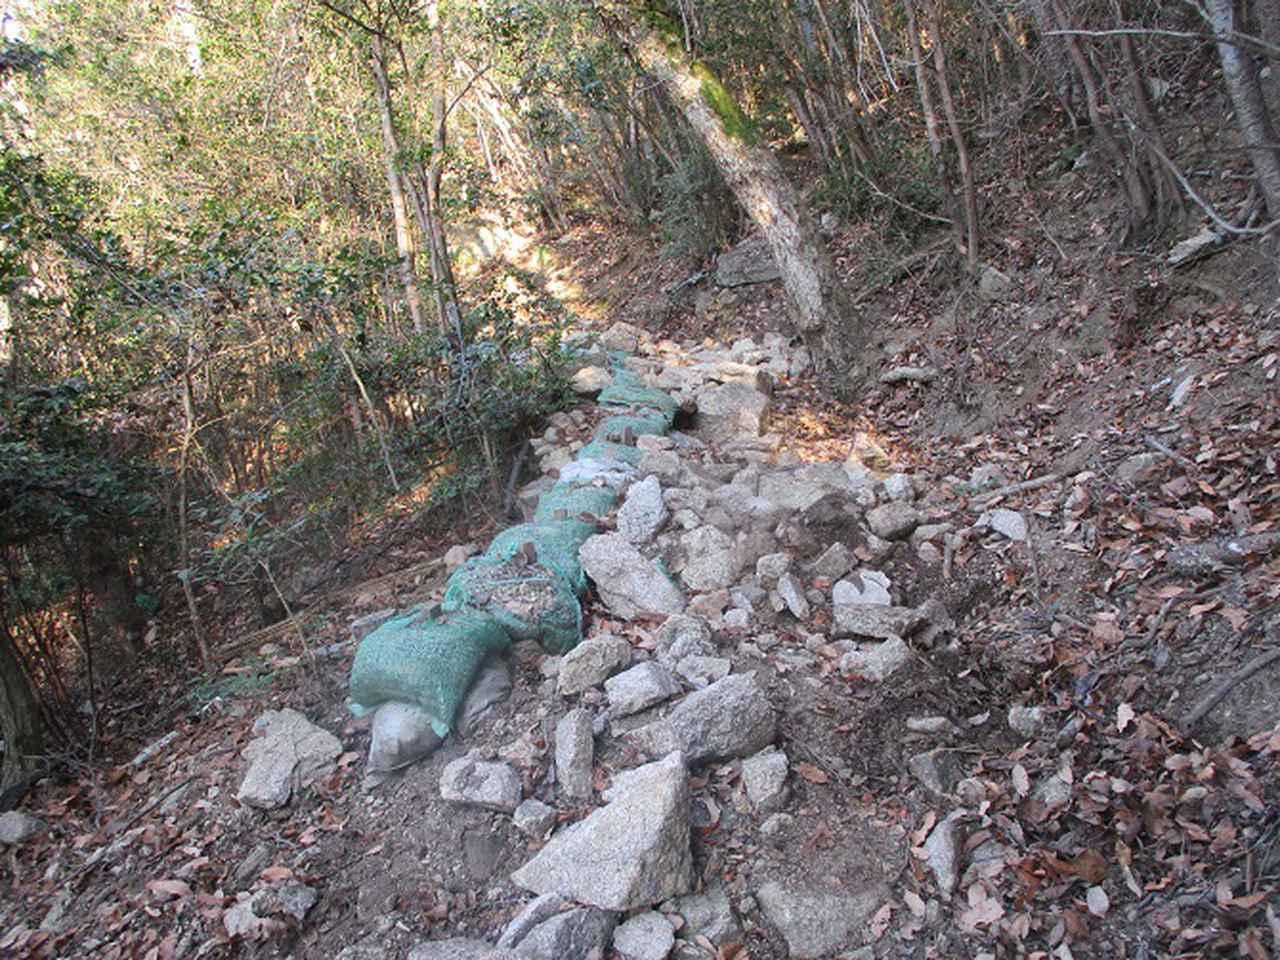 画像5: 来年の冬の企画素材を探して我が故郷・広島の山を歩いてみました!